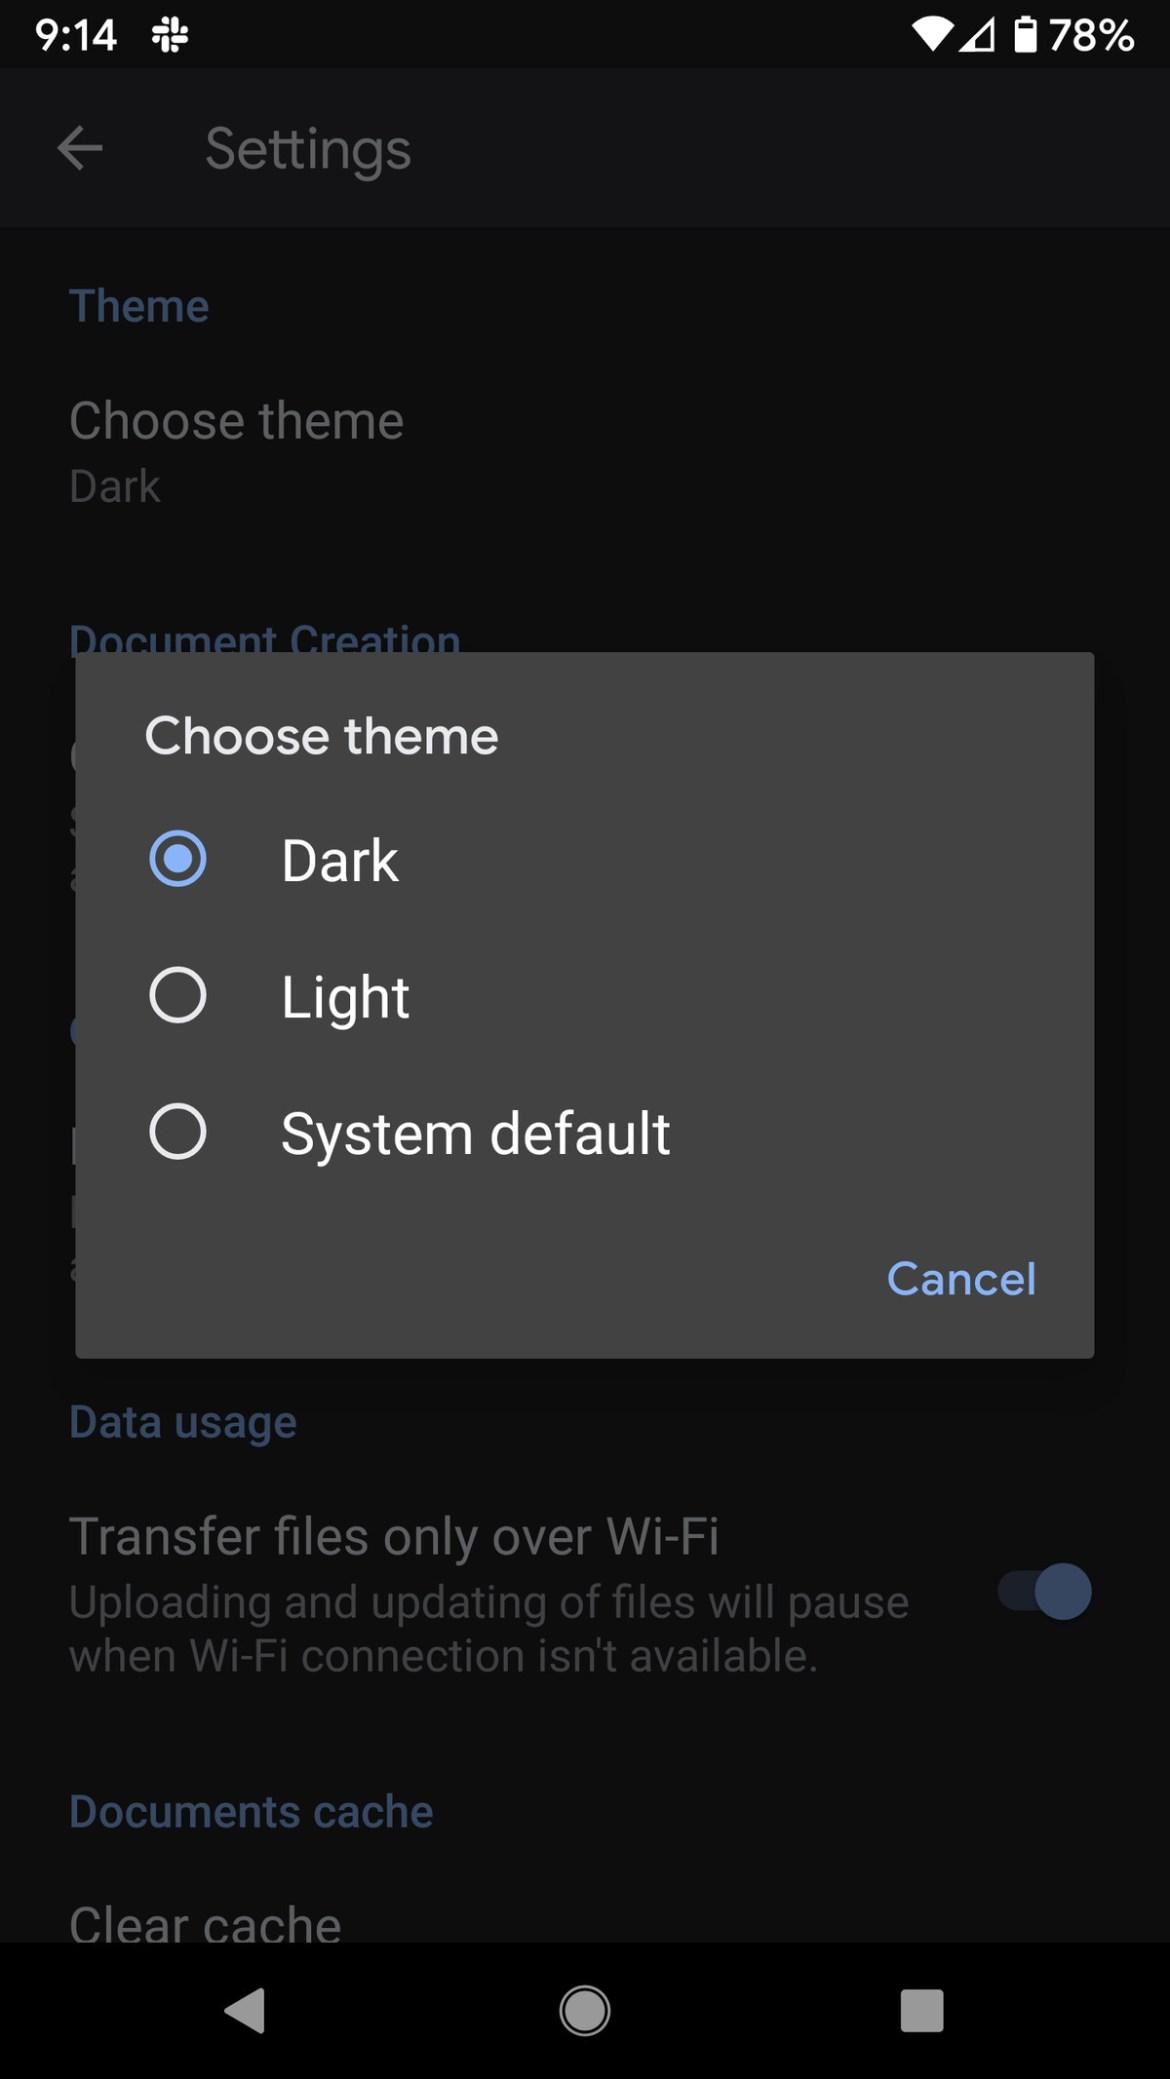 Vous pouvez choisir les modes sombre ou clair, ou simplement utiliser le système par défaut.